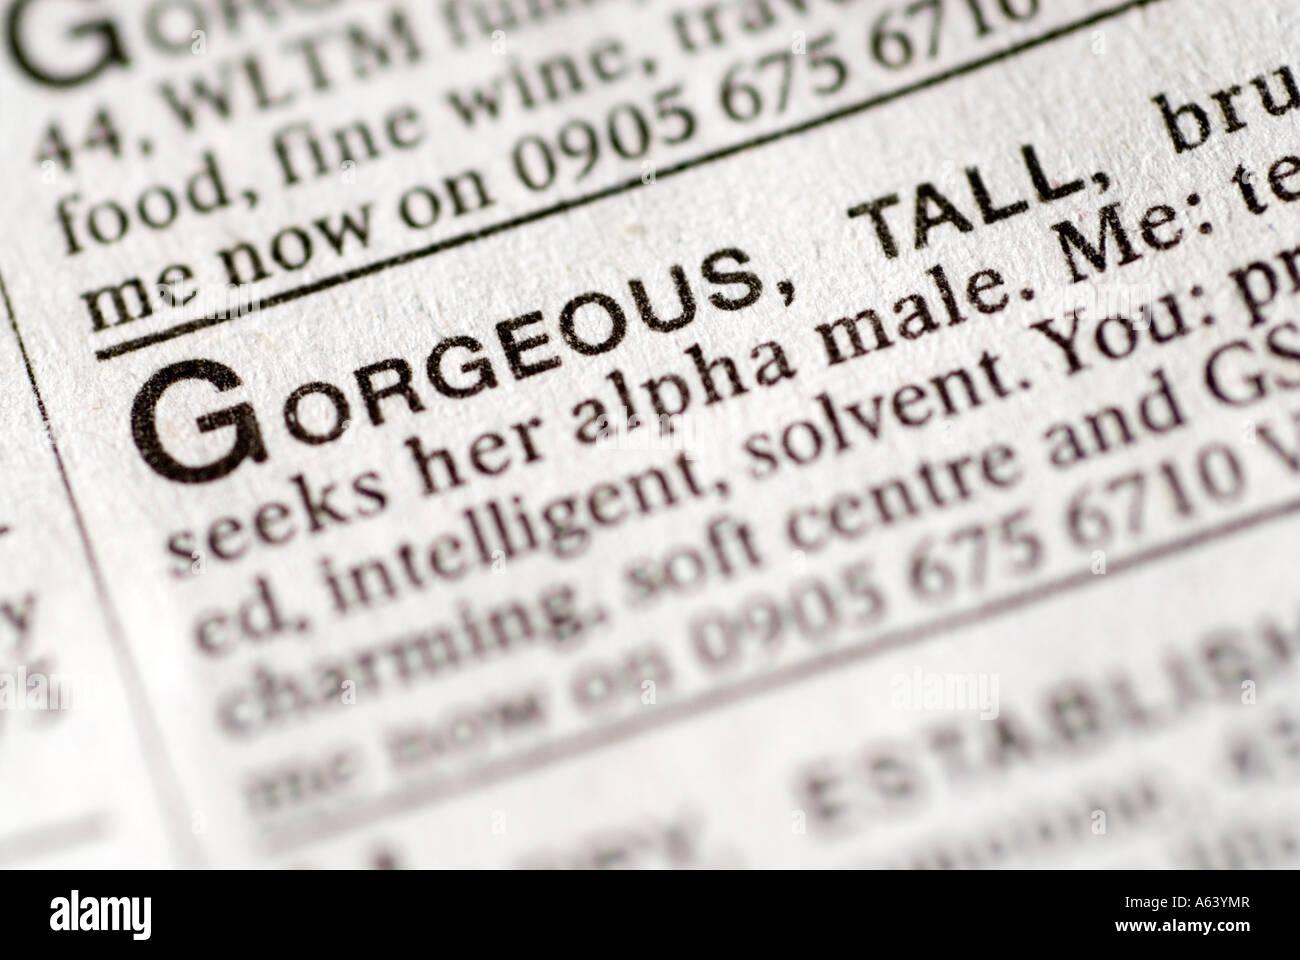 Des célibataires annonce dans dating pages de journal Photo Stock